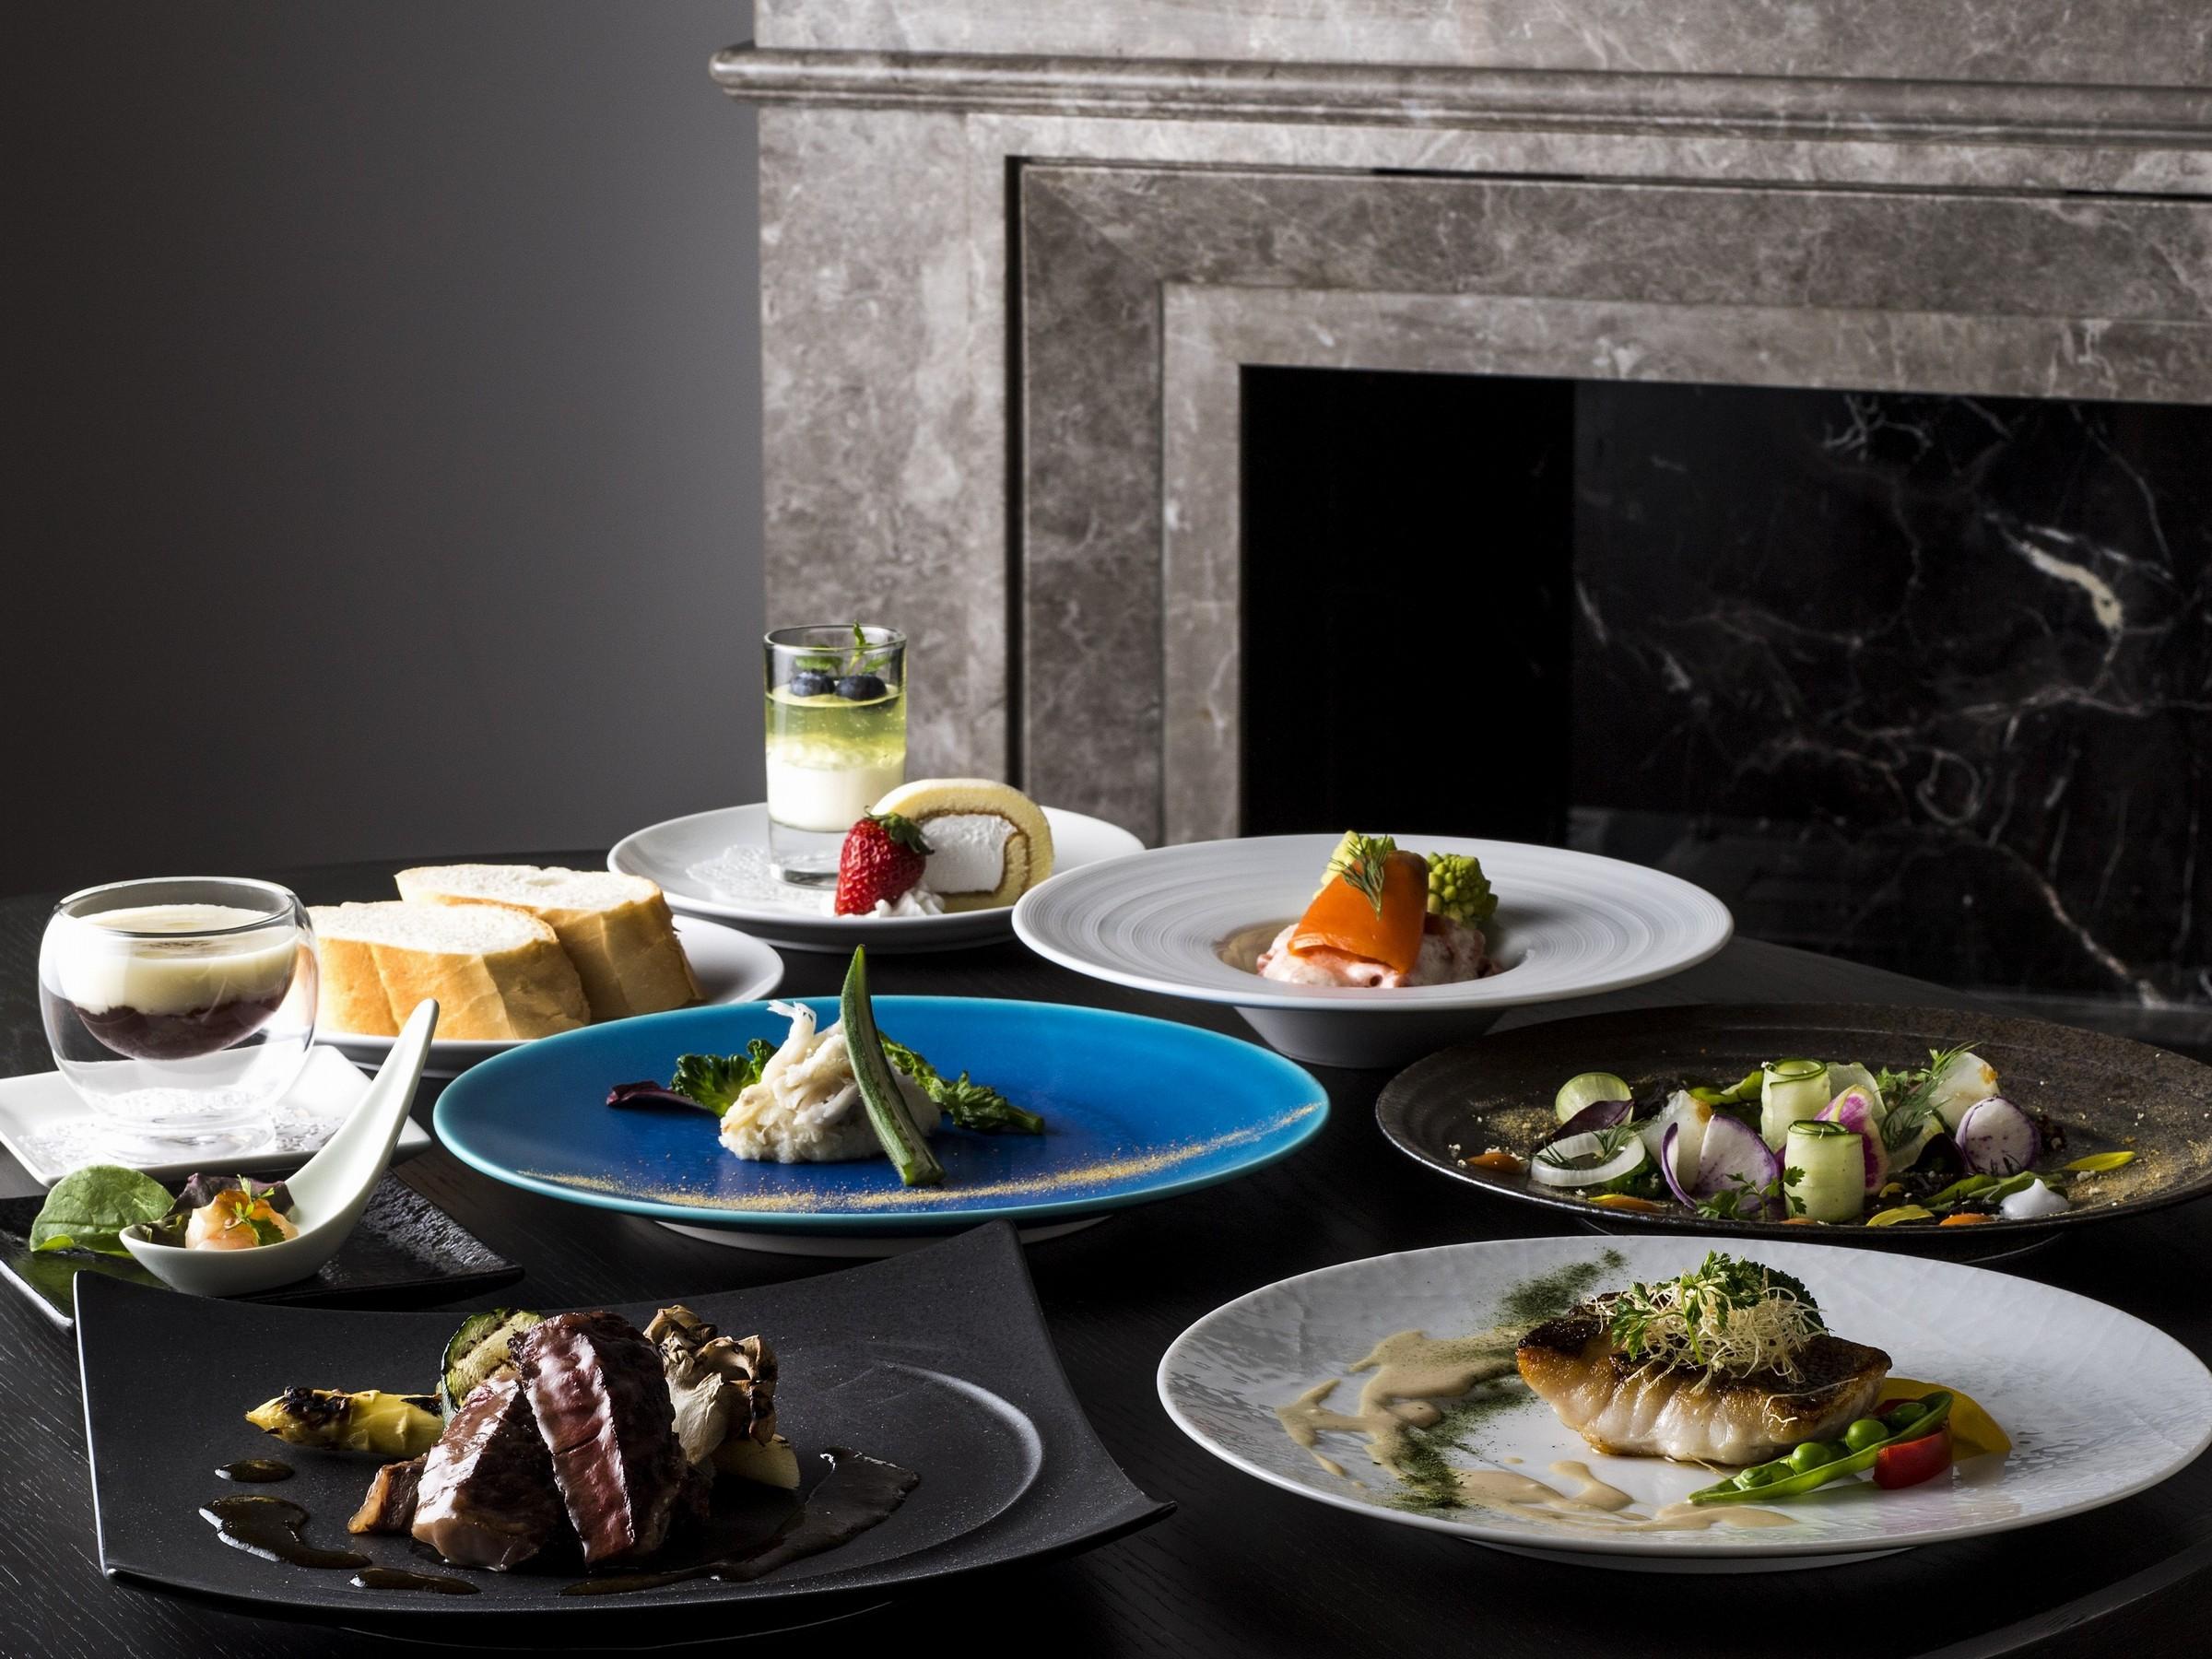 UNWIND HOTEL&BAR小樽 / アニバーサリープラン【乾杯スパークリング付きコースディナー&ハイティースタイル朝食付き】